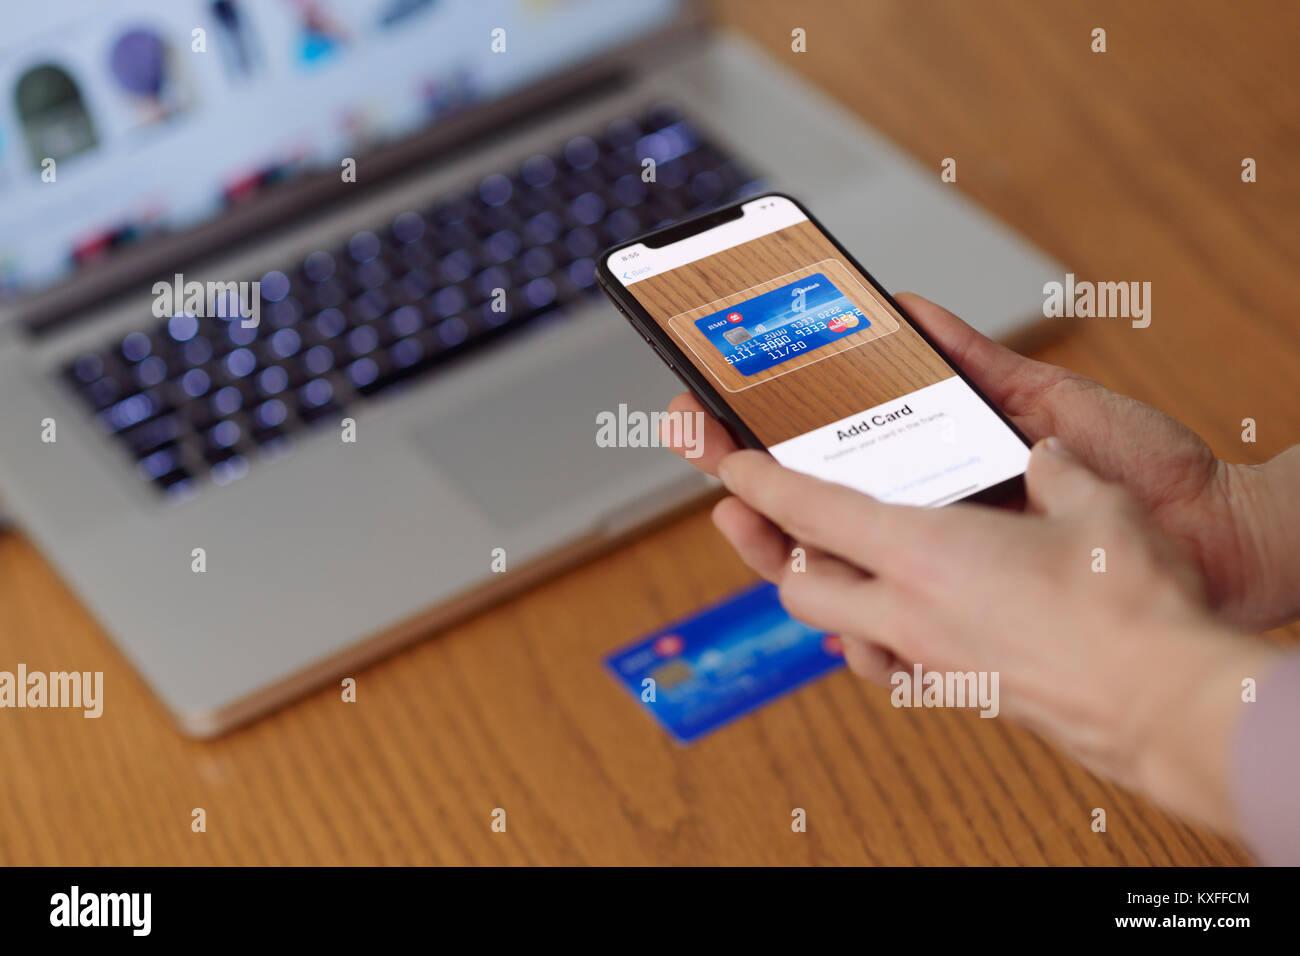 Donna con iPhone X nella sua mano la scansione di una carta di credito con Apple paga, Apple portafogli elettronici di pagamento app Foto Stock